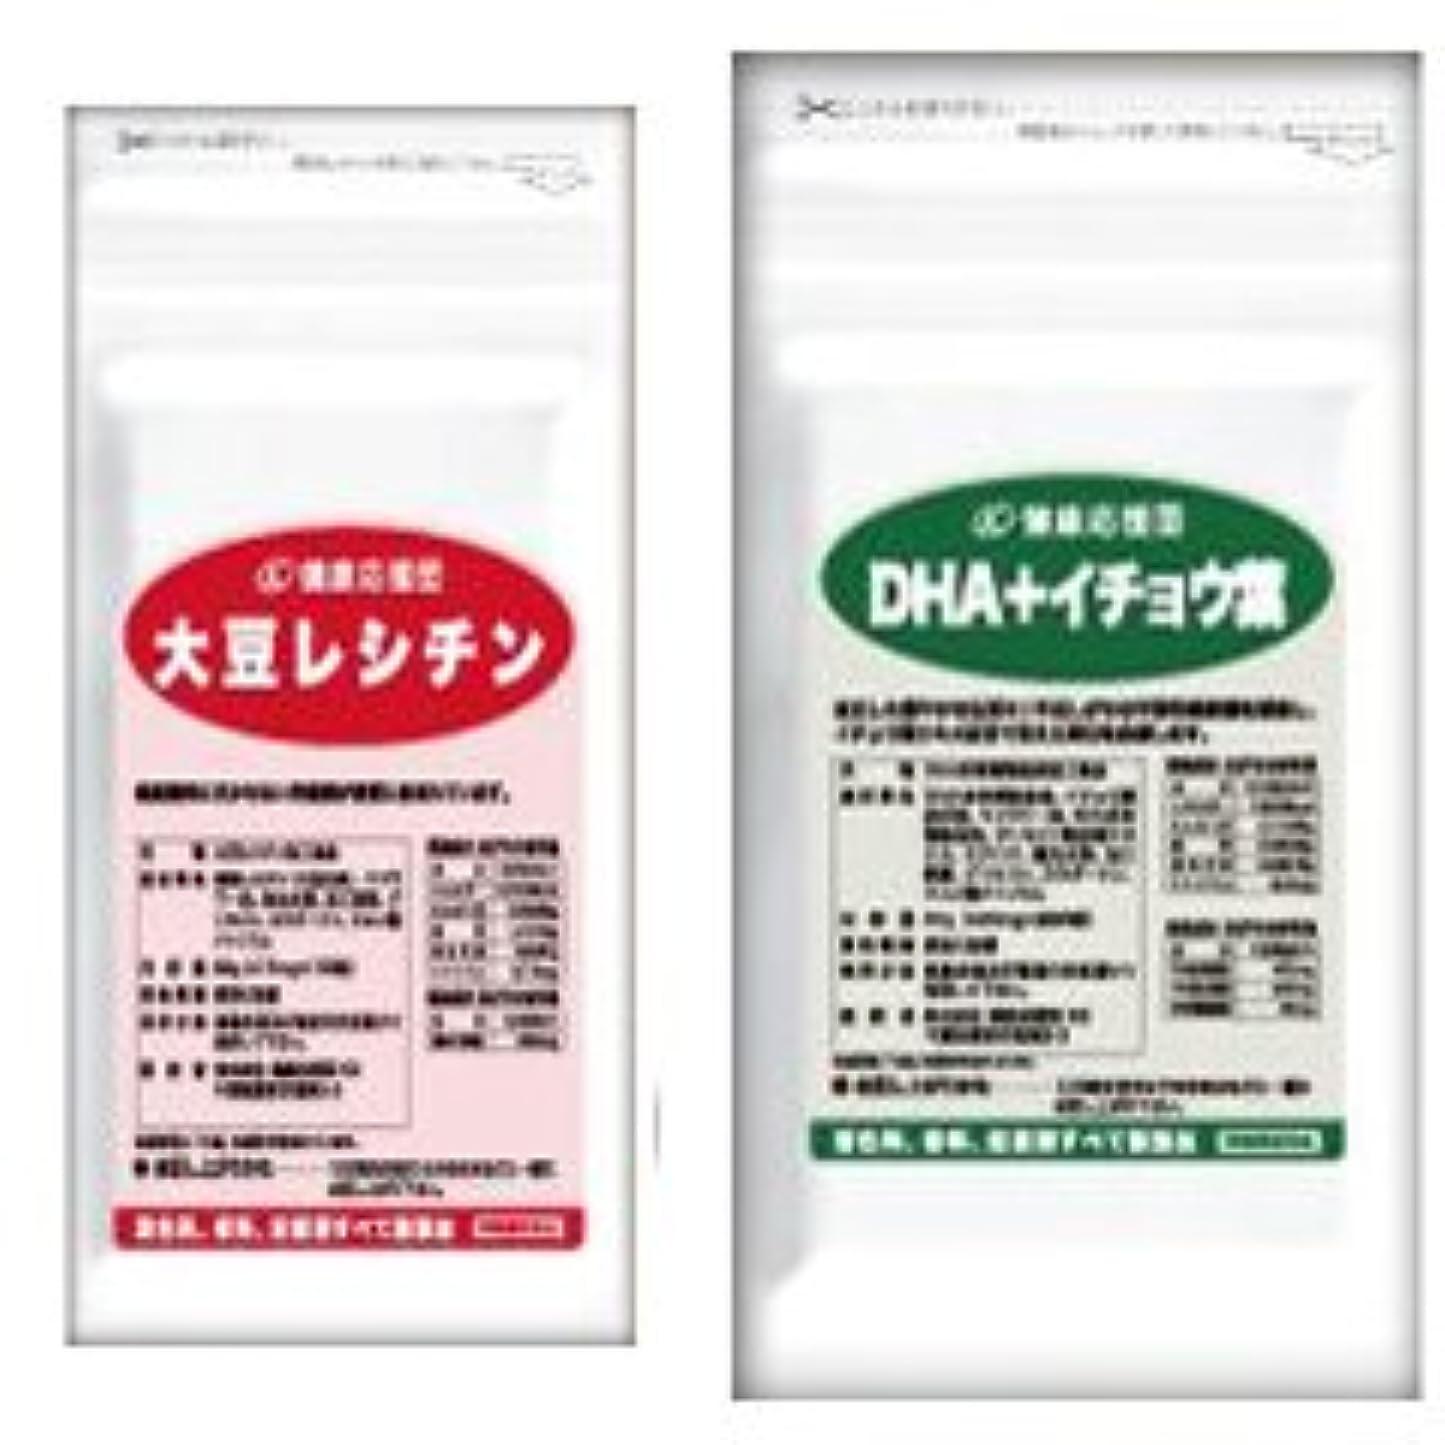 ロマンス影響を受けやすいです辛な流れサラサラセット 大豆レシチン+(DHA?EPA+イチョウ葉) お徳用12か月分